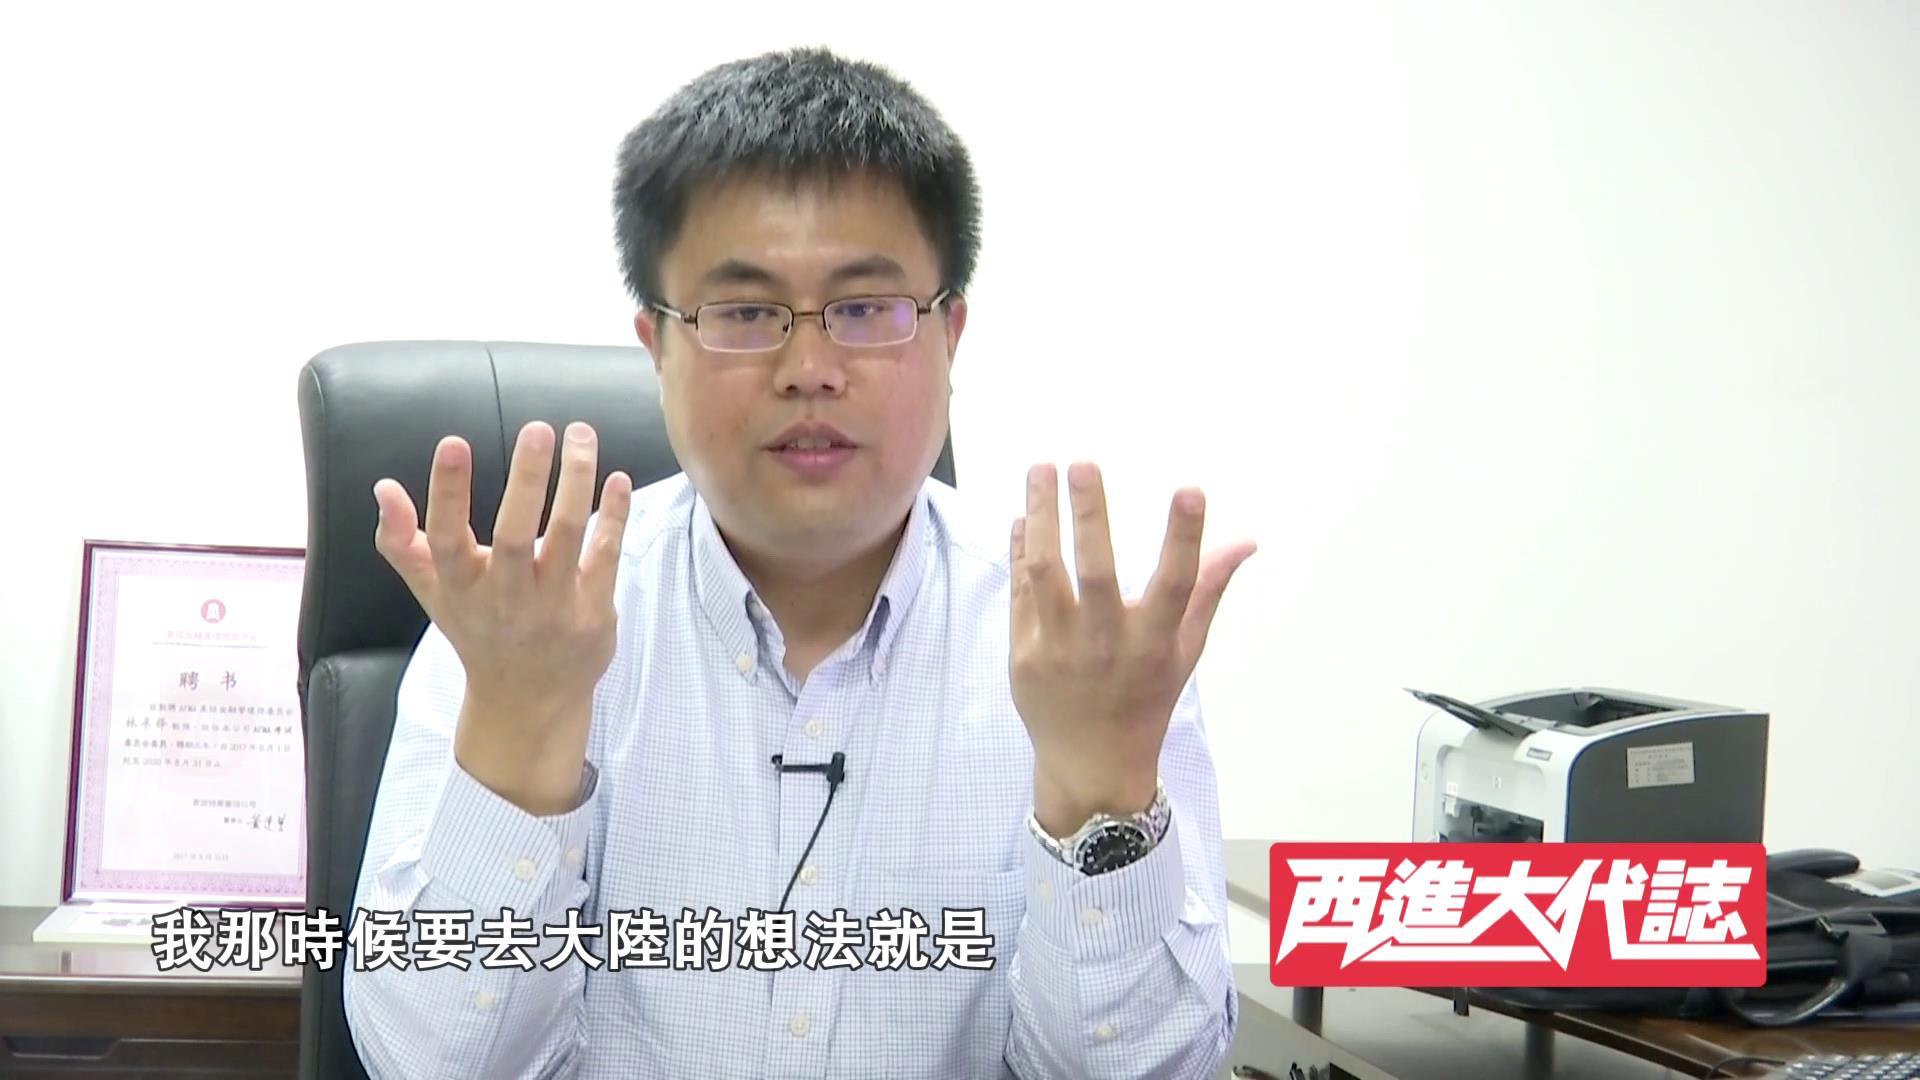 27.【西进大代志】台籍教师 林承铎图片